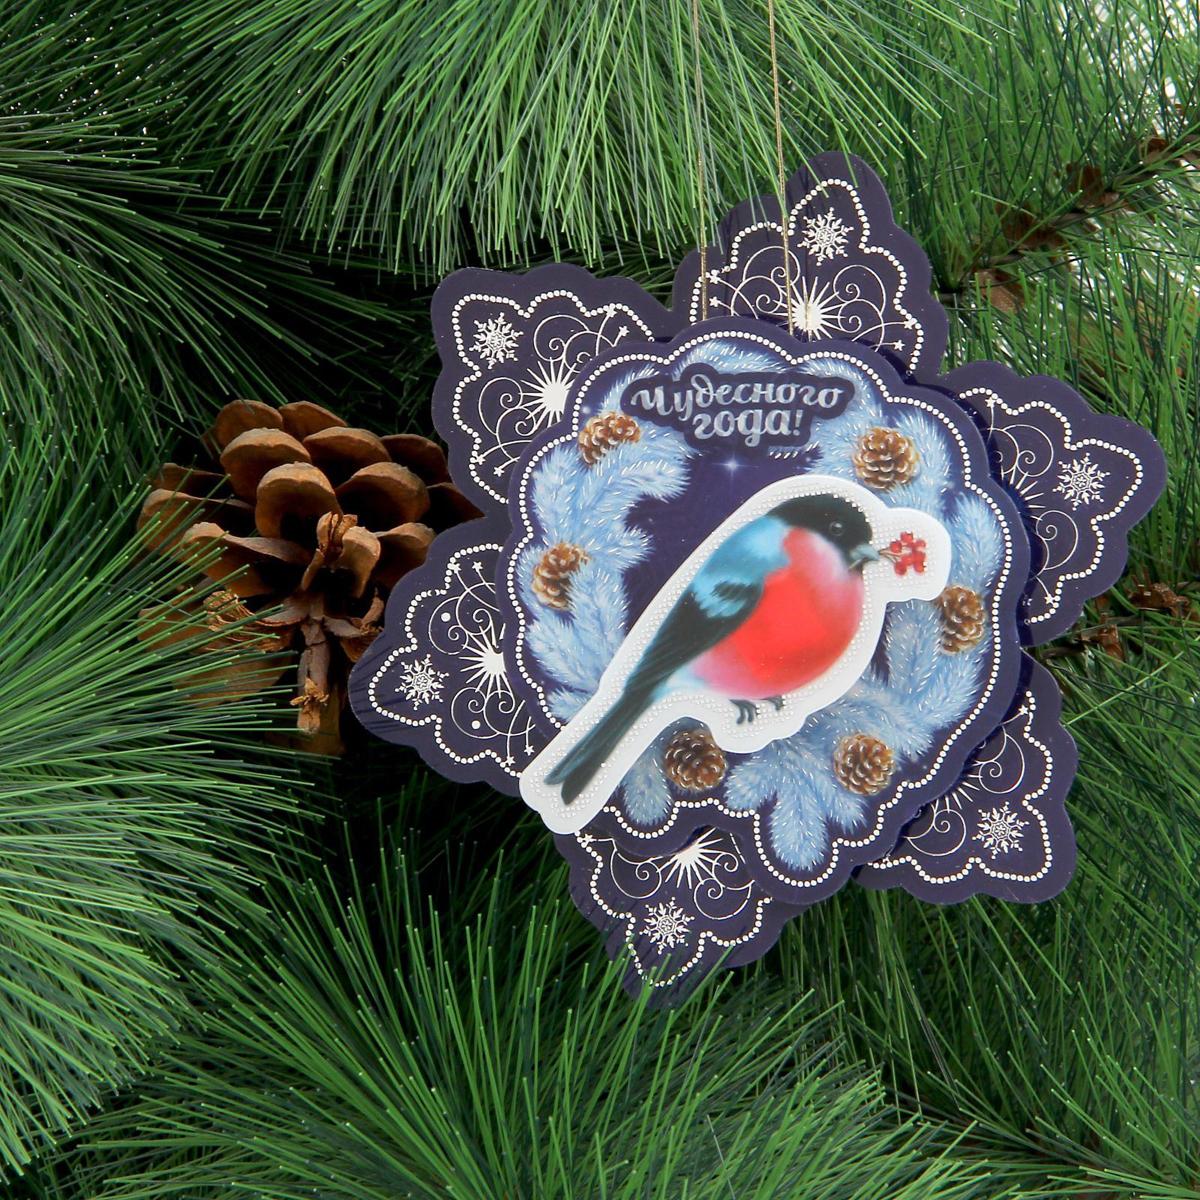 Новогоднее подвесное украшение Sima-land Чудесного года, 9,3 х 10,6 см1364353Новогоднее украшение Sima-land отлично подойдет для декорации вашего дома и новогодней ели.Елочная игрушка - символ Нового года. Она несет в себе волшебство и красоту праздника. Такое украшение создаст в вашем доме атмосферу праздника, веселья и радости.